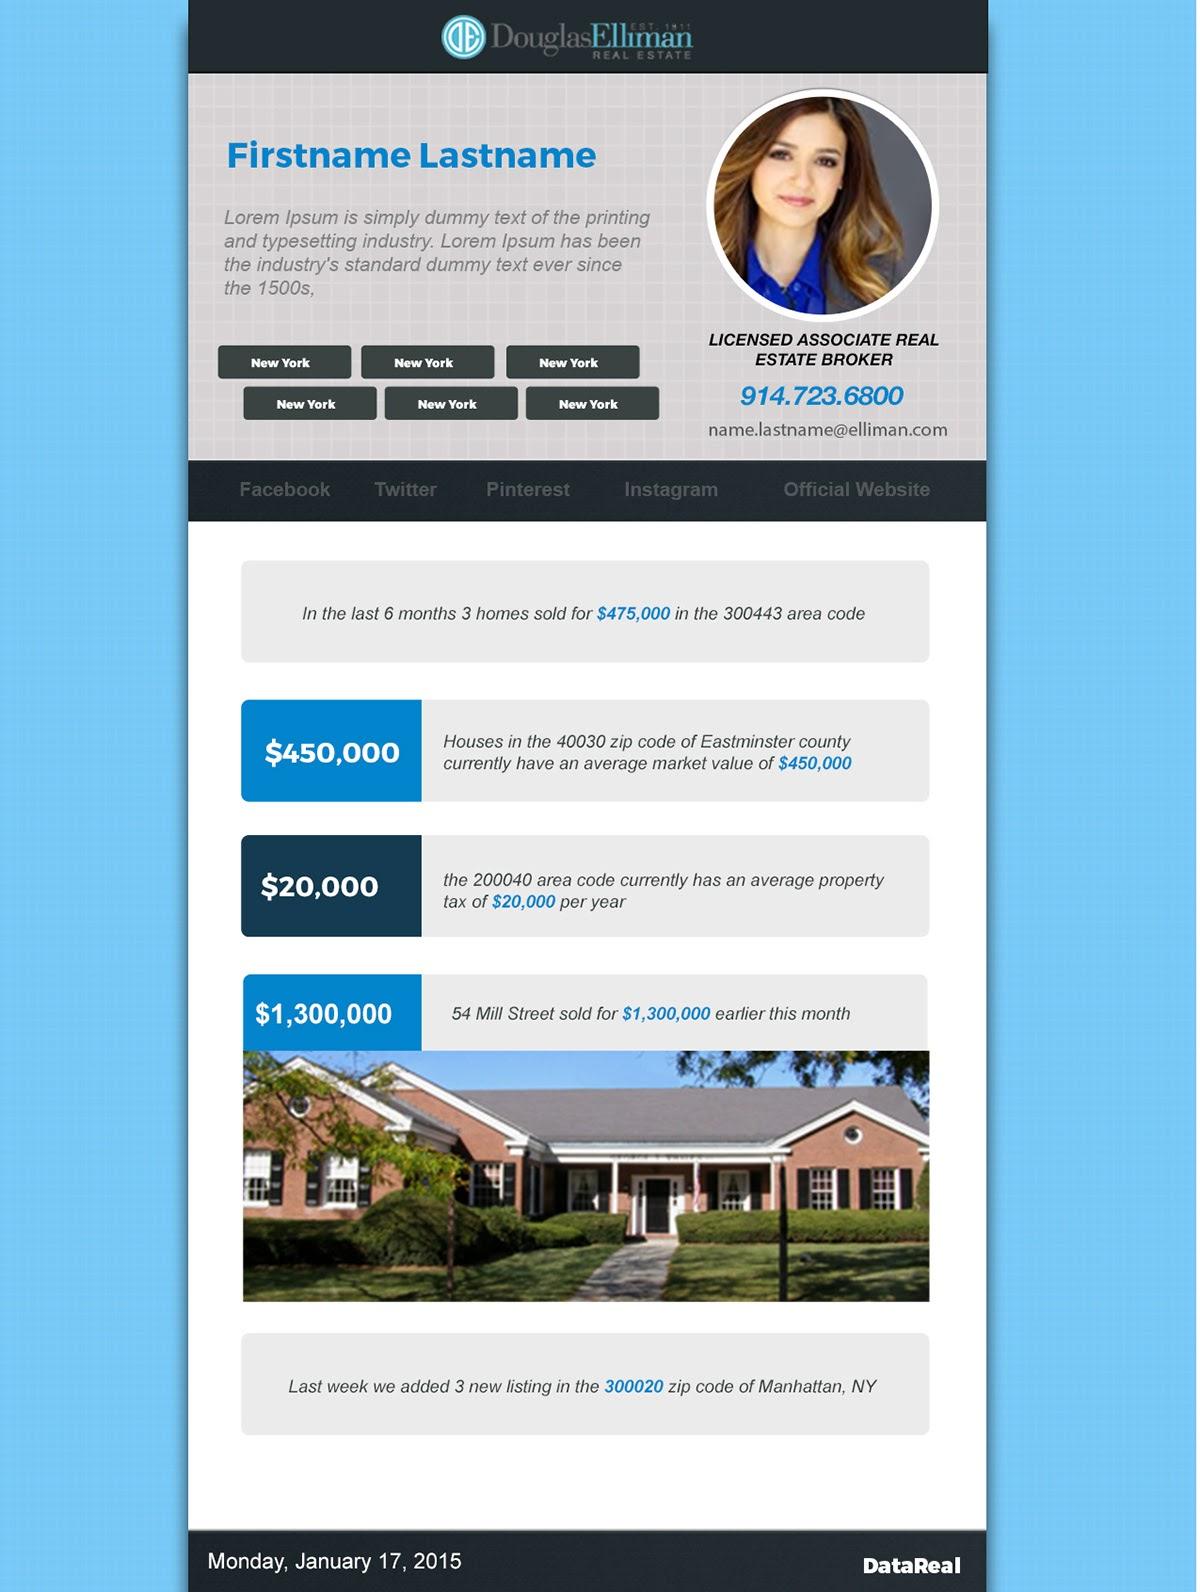 пример рассылки о недвижимости с динамическим контентом